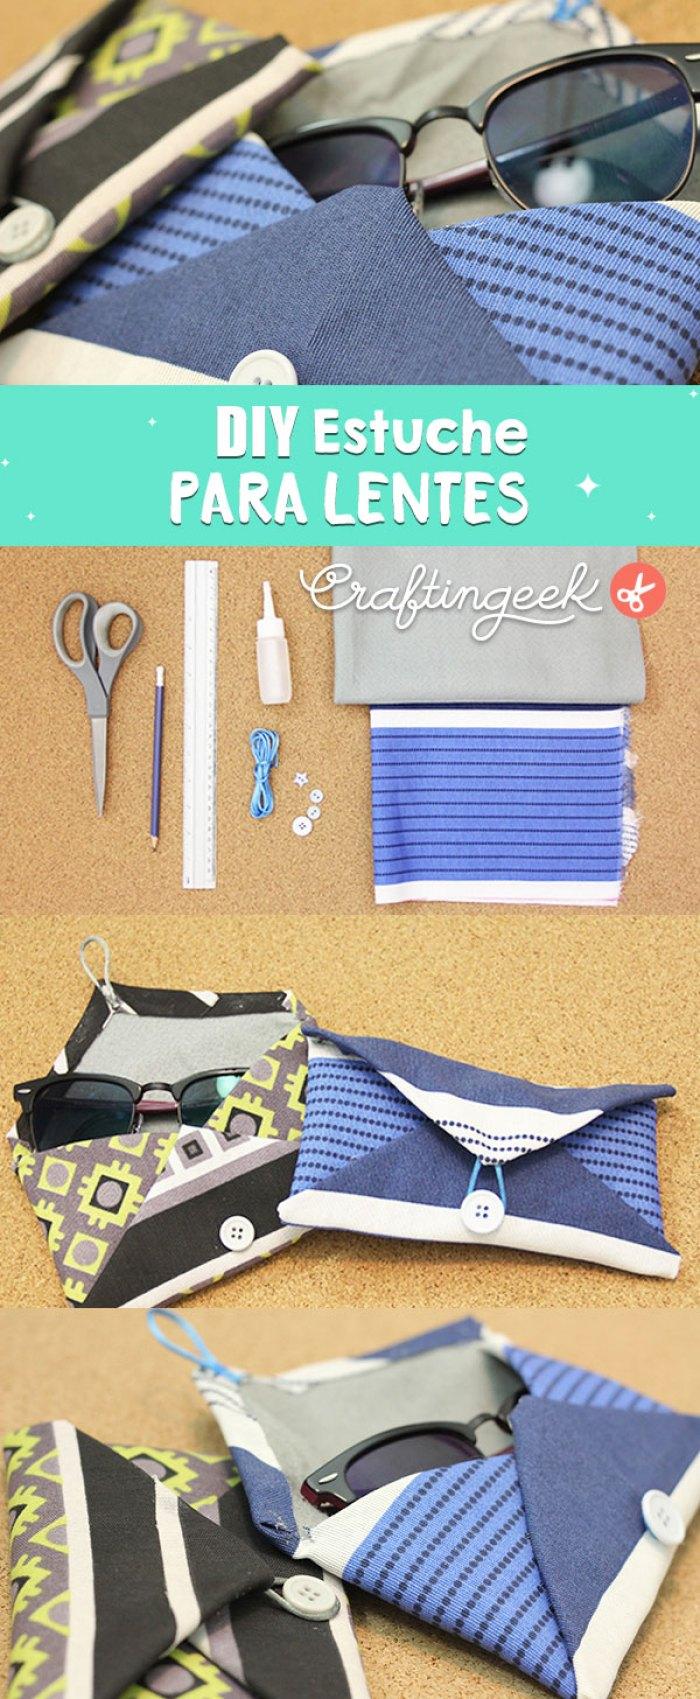 Como hacer un estuche para lentes paso a paso fácil - DIY Sunglass pouch